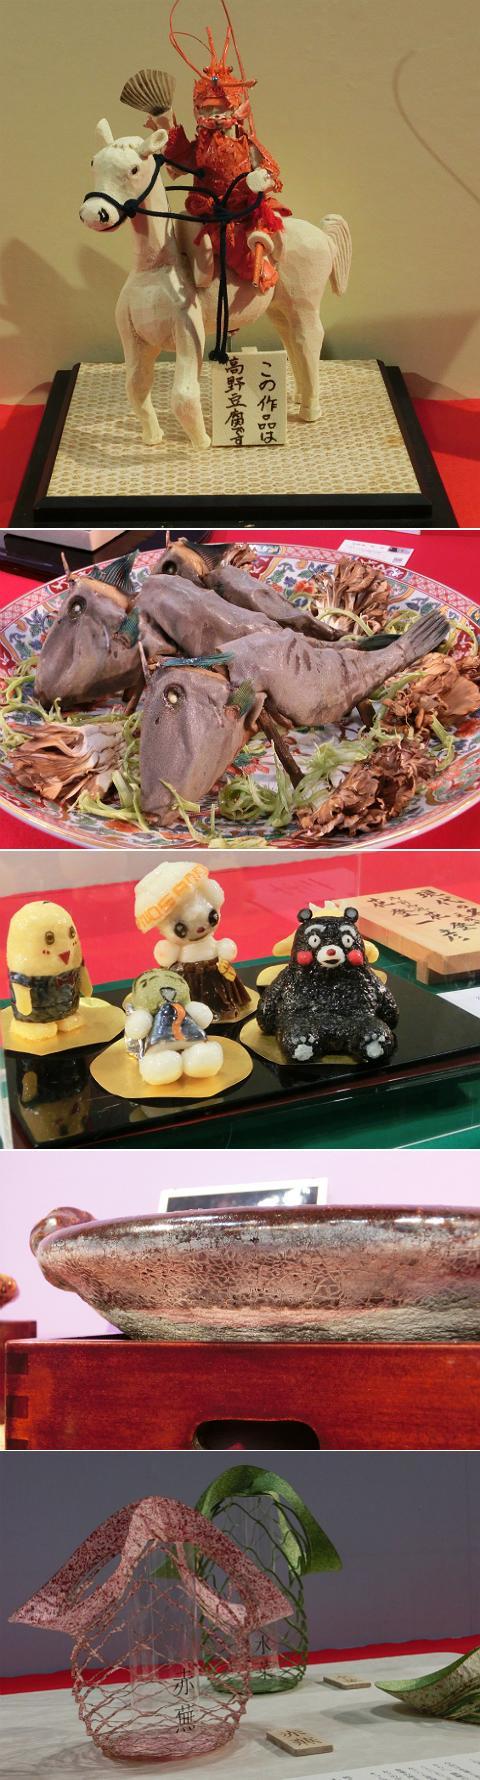 第108回 京料理展示大会 料理展示 (その3)